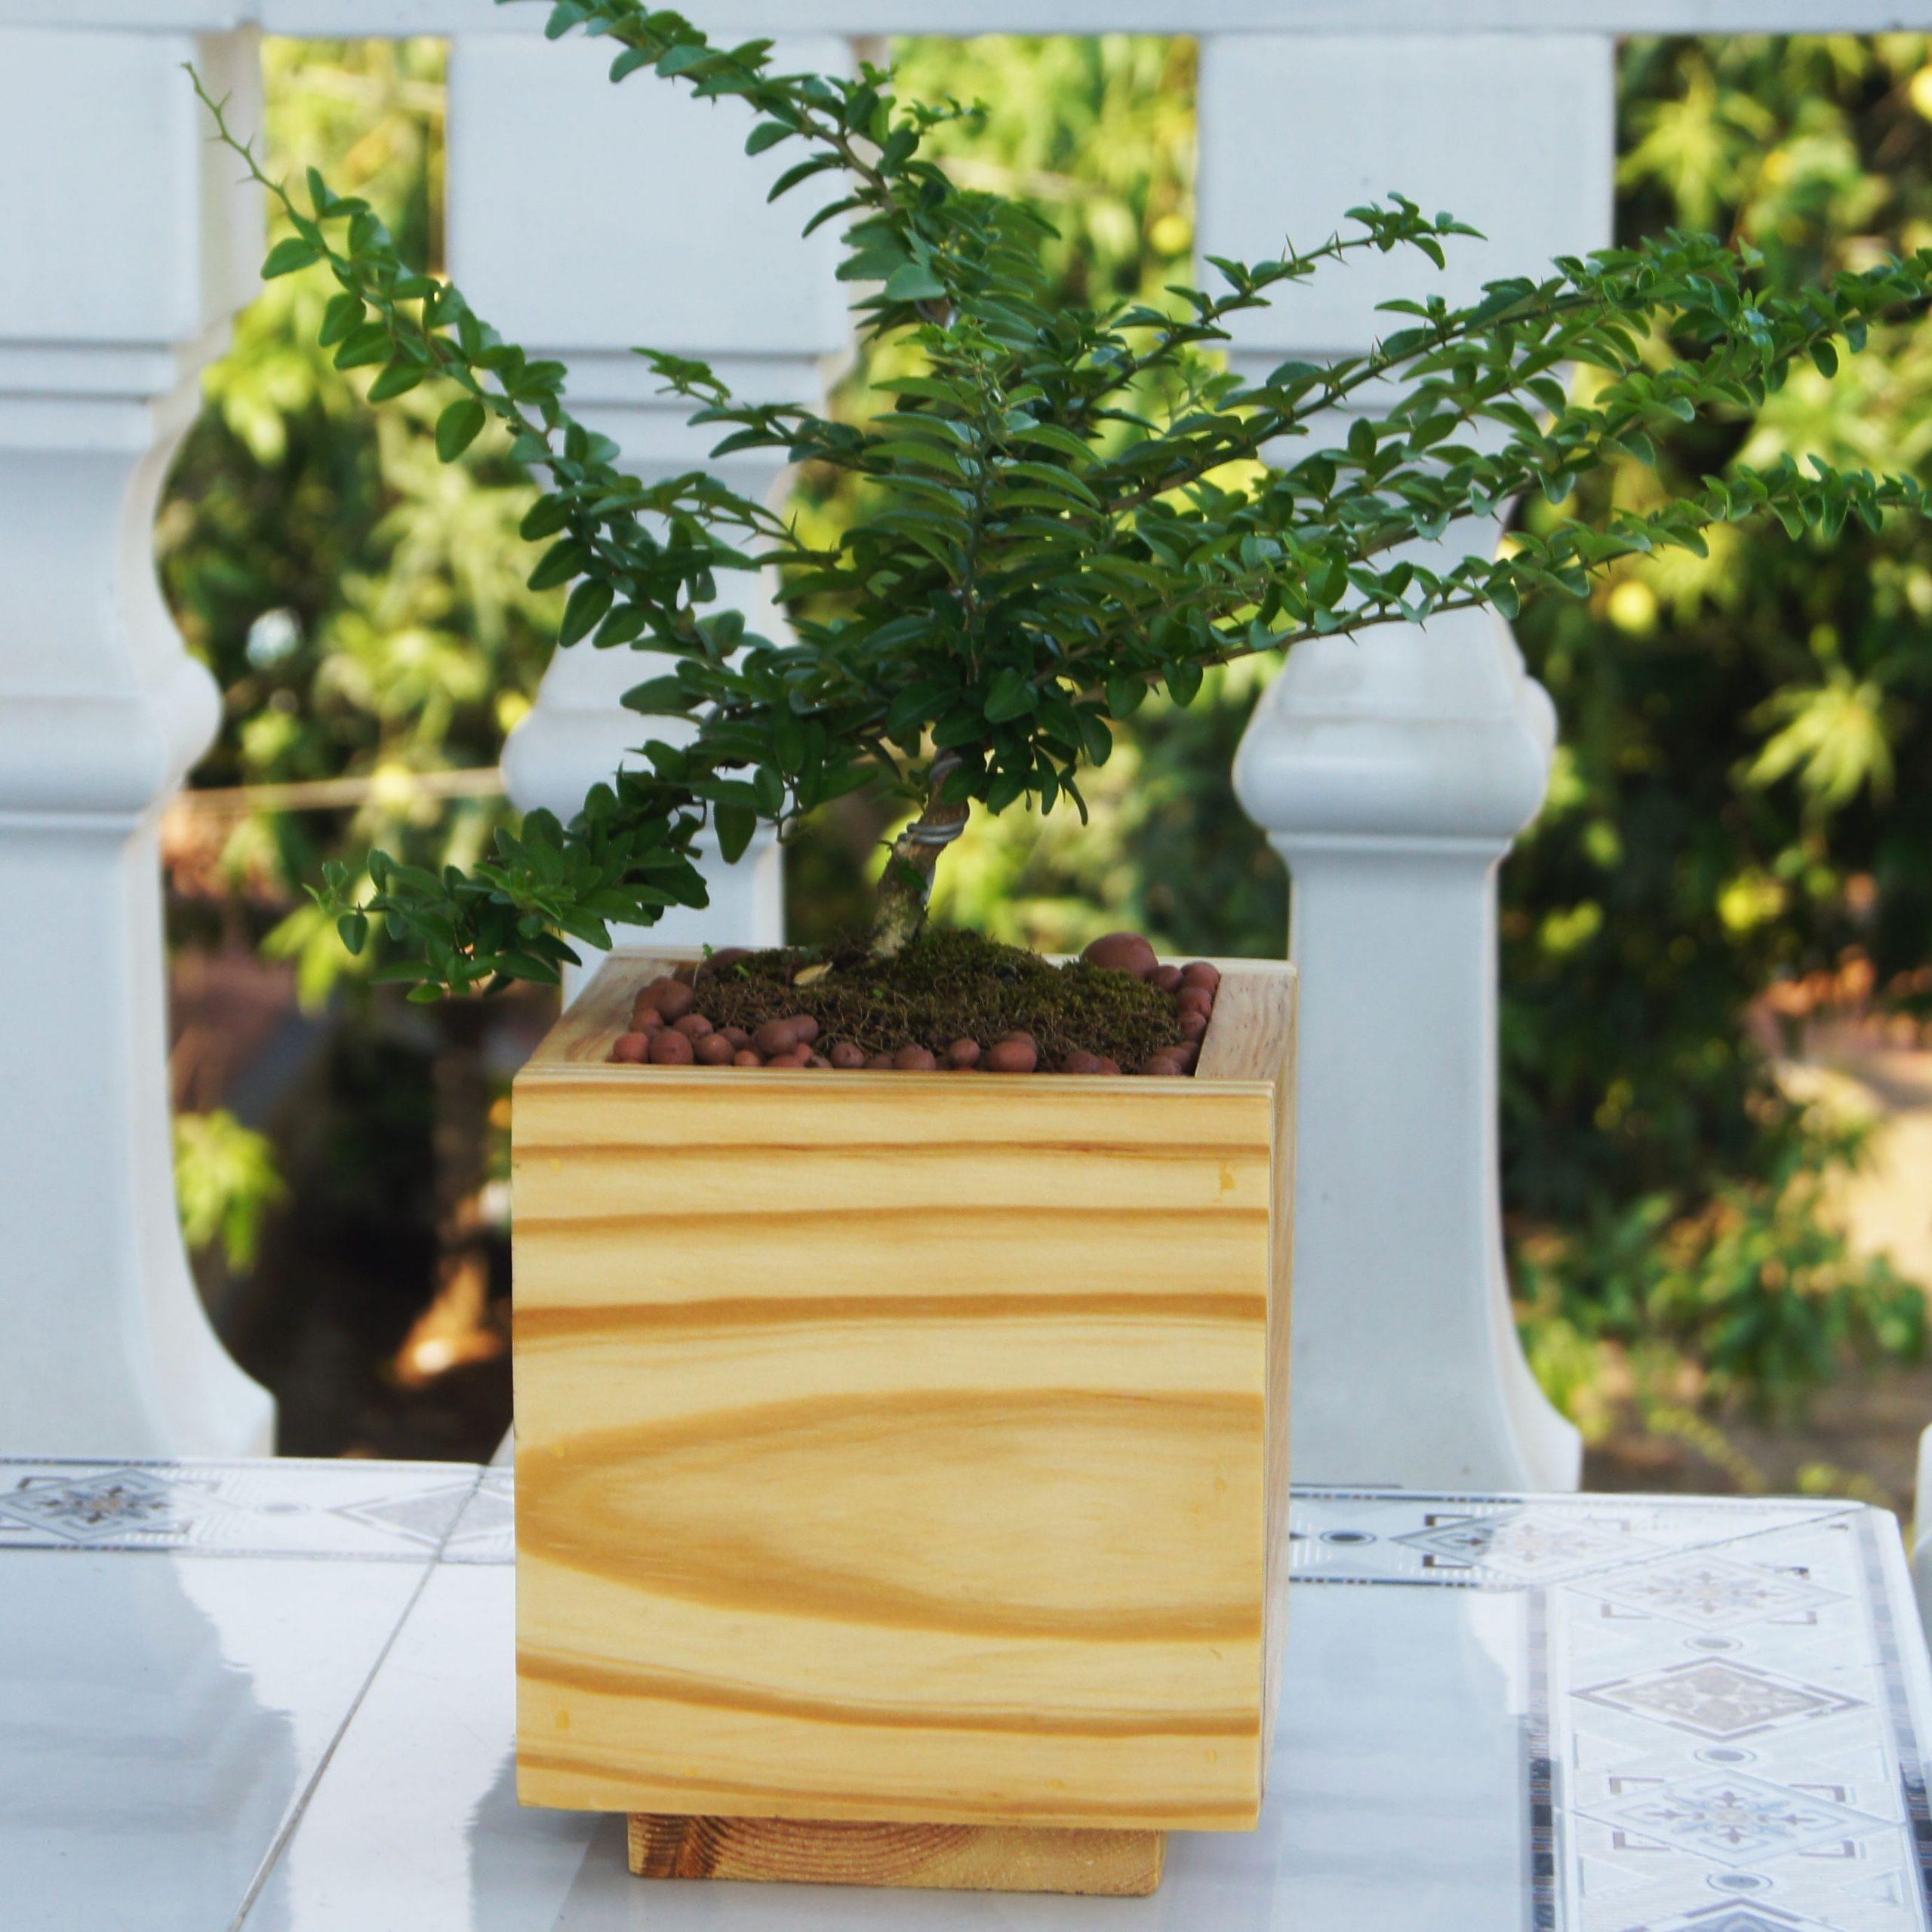 Chậu trồng cây bằng gỗ